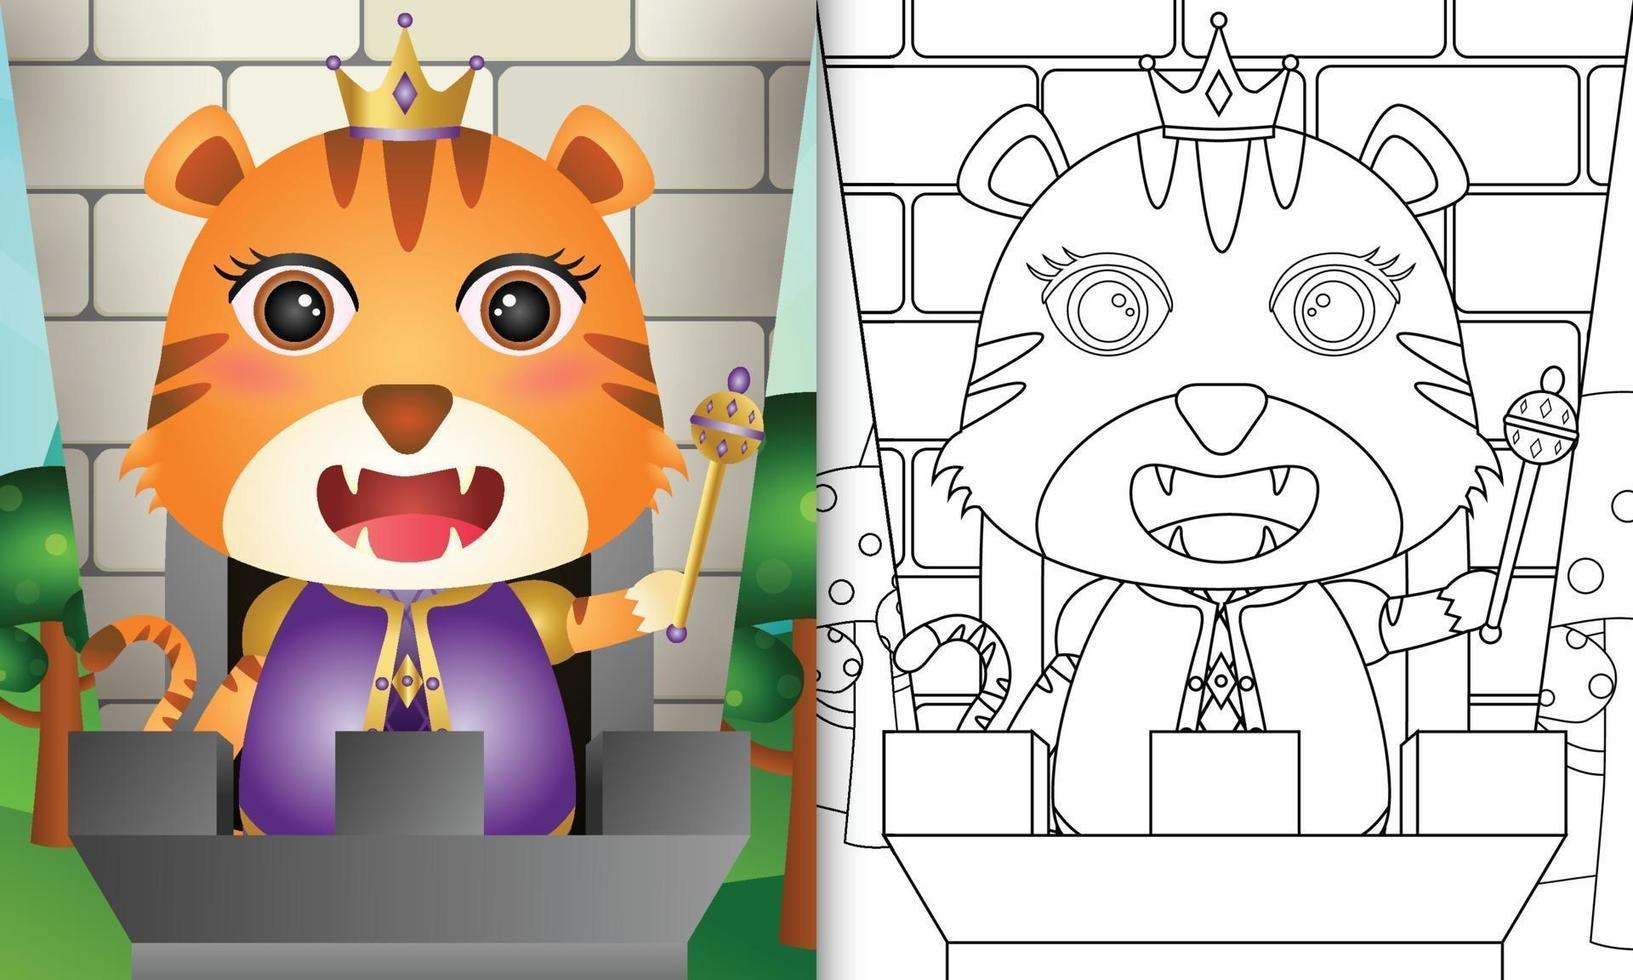 Malbuchschablone für Kinder mit einer niedlichen Tiger-Nilpferd-Charakterillustration vektor